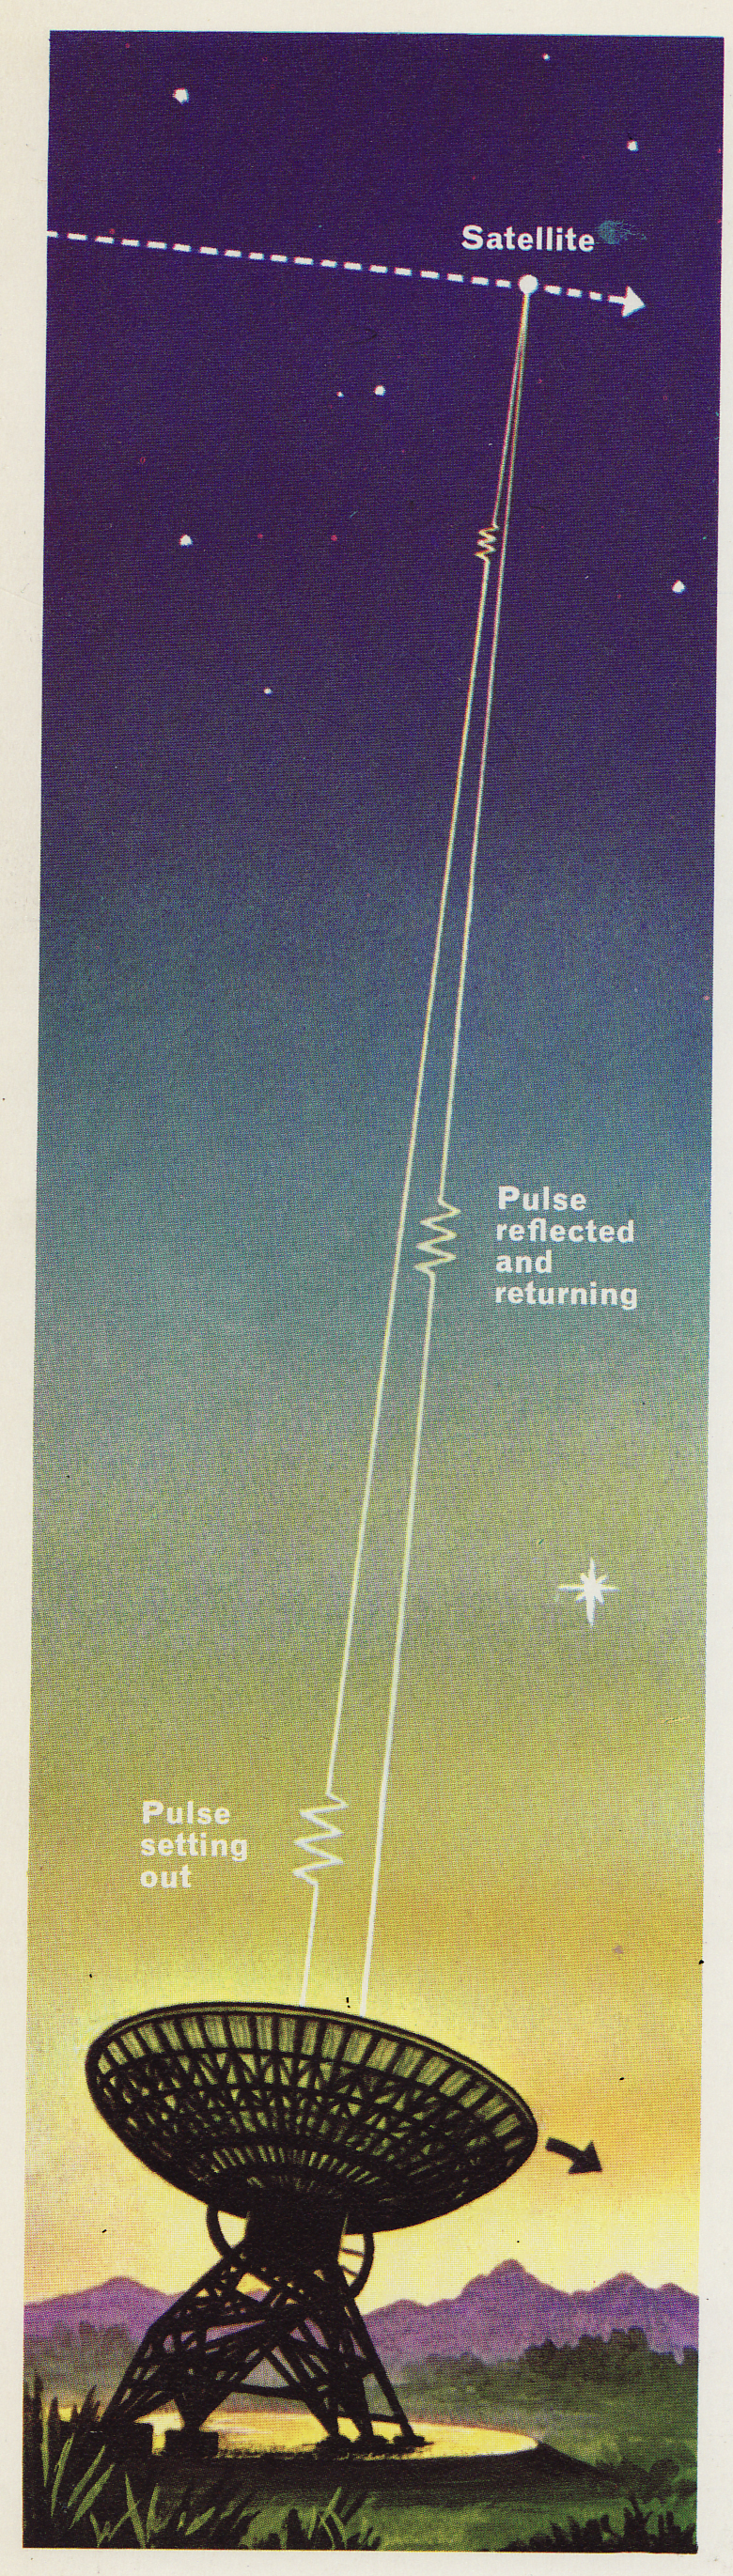 Satelite(1).jpg